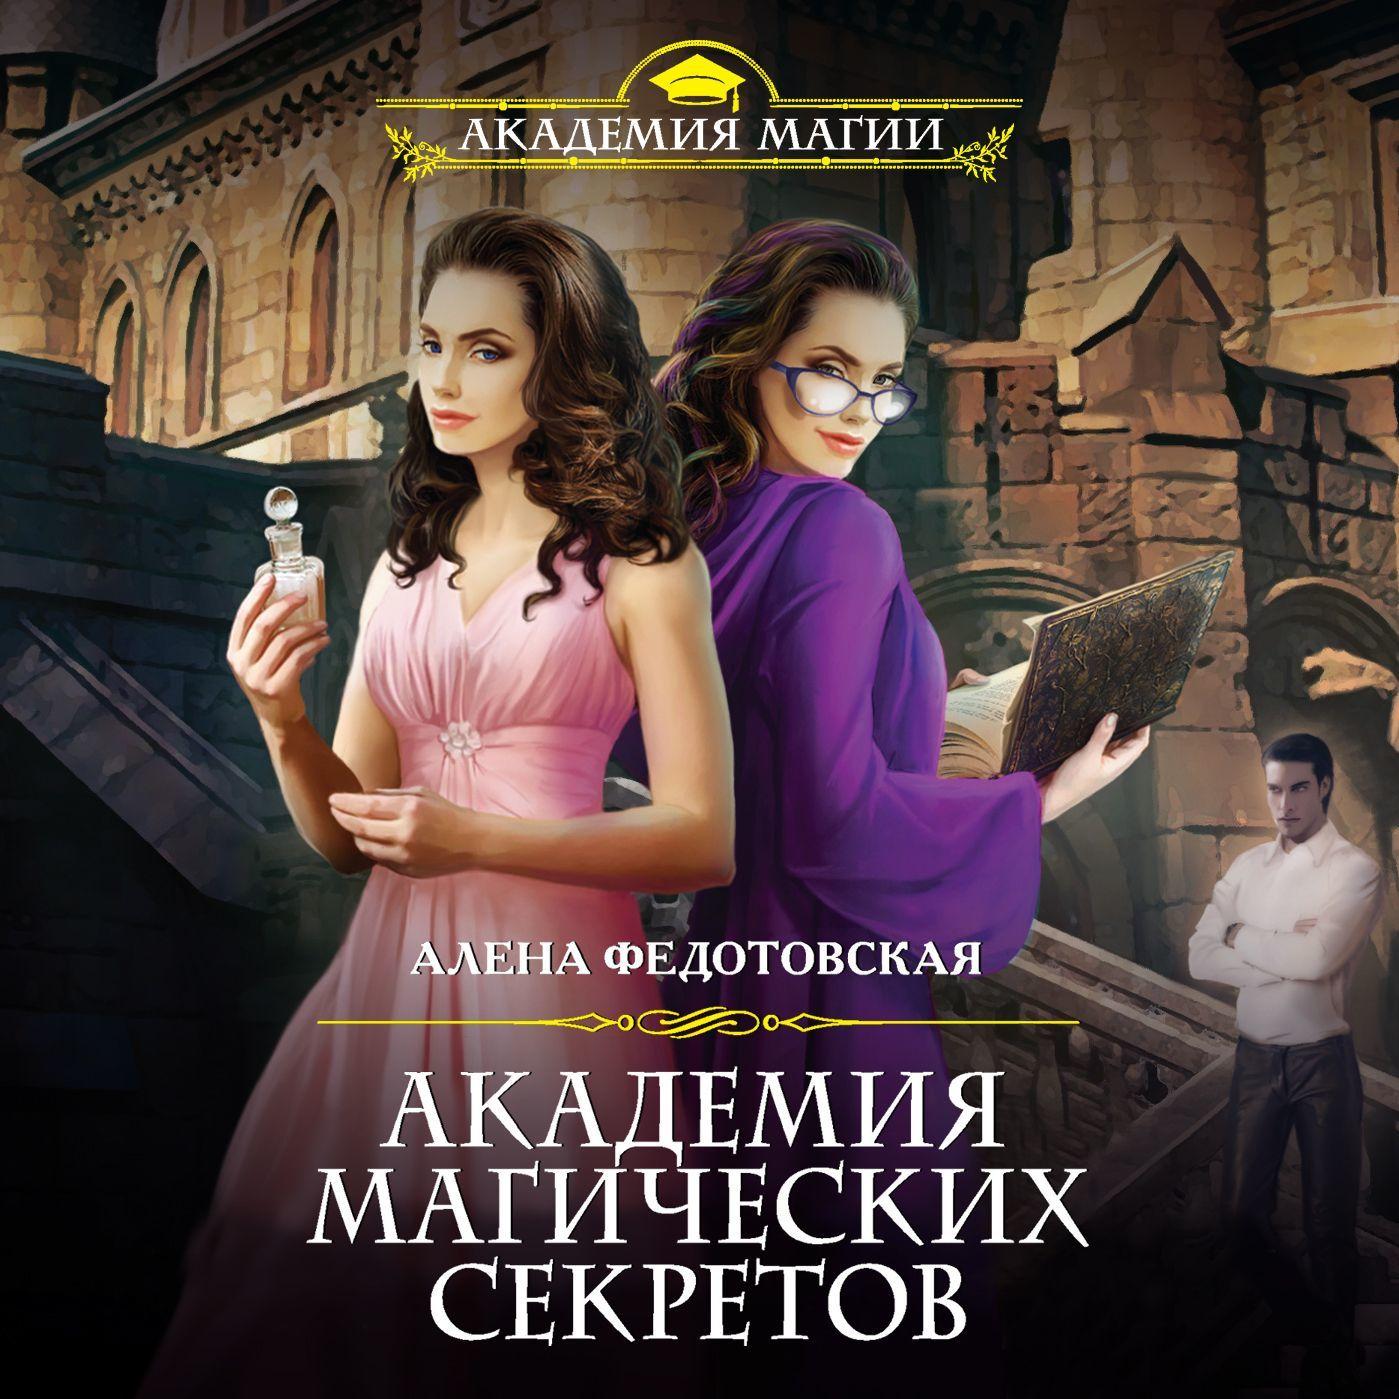 АЛЕНА ФЕДОТОВСКАЯ АКАДЕМИЯ МАГИЧЕСКИХ СЕКРЕТОВ СКАЧАТЬ БЕСПЛАТНО